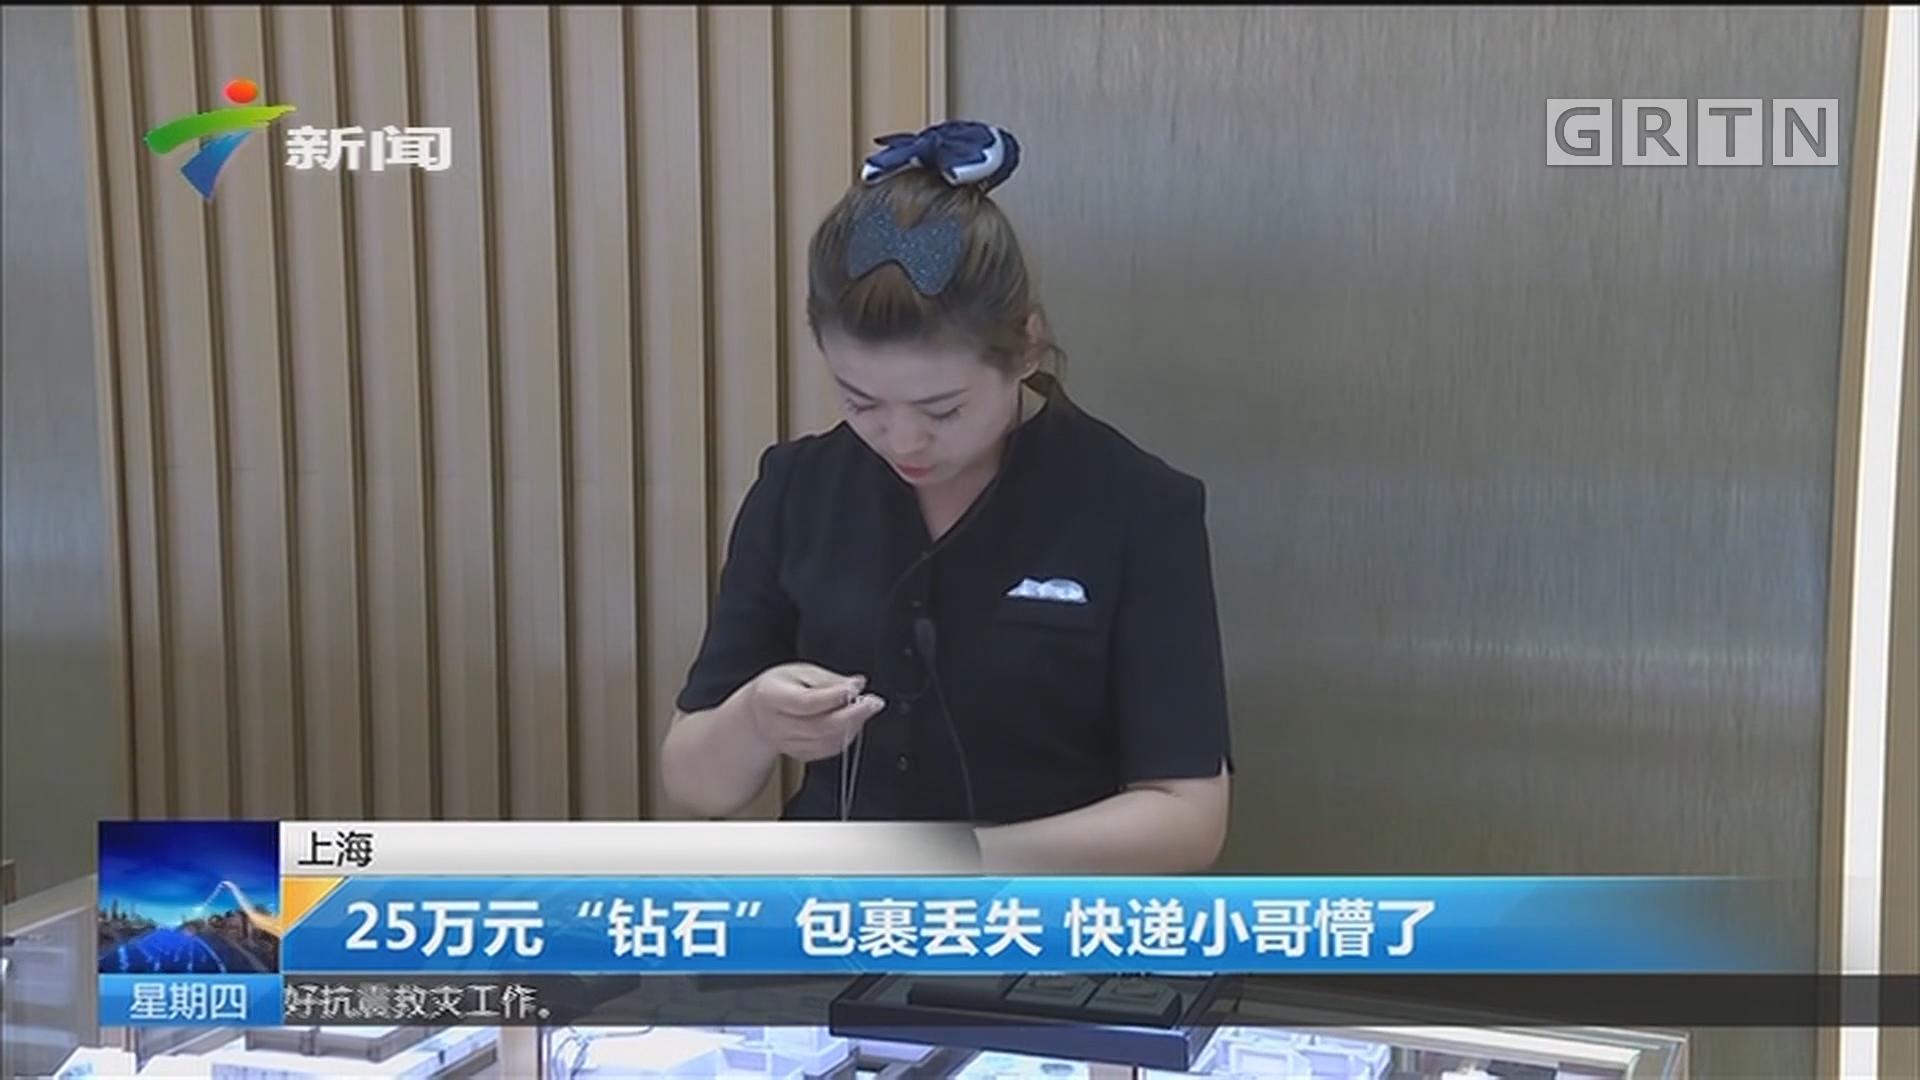 """上海:25万元""""钻石""""包裹丢失 快递小哥懵了"""